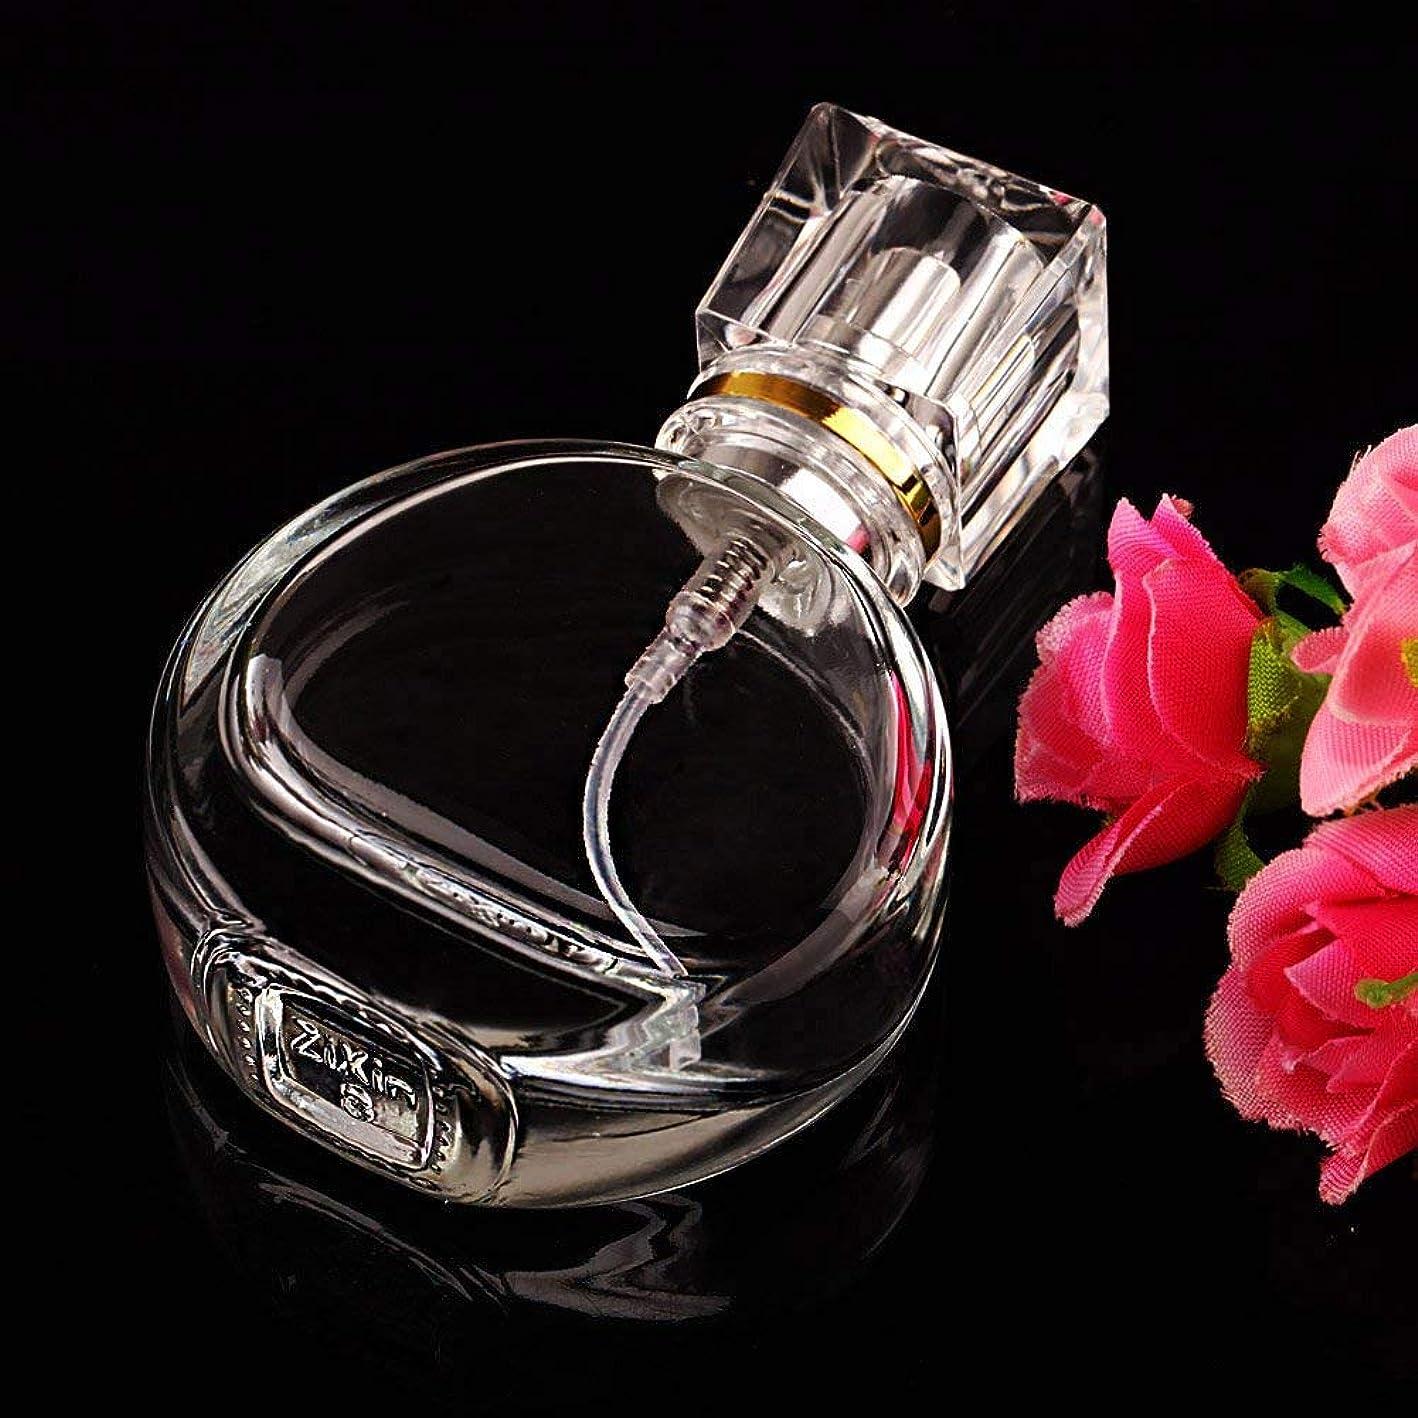 癌黙槍VERY100 高品質ガラスボトル 香水瓶  アトマイザー  25ML 透明 シンプルデザイン ホーム飾り 装飾雑貨